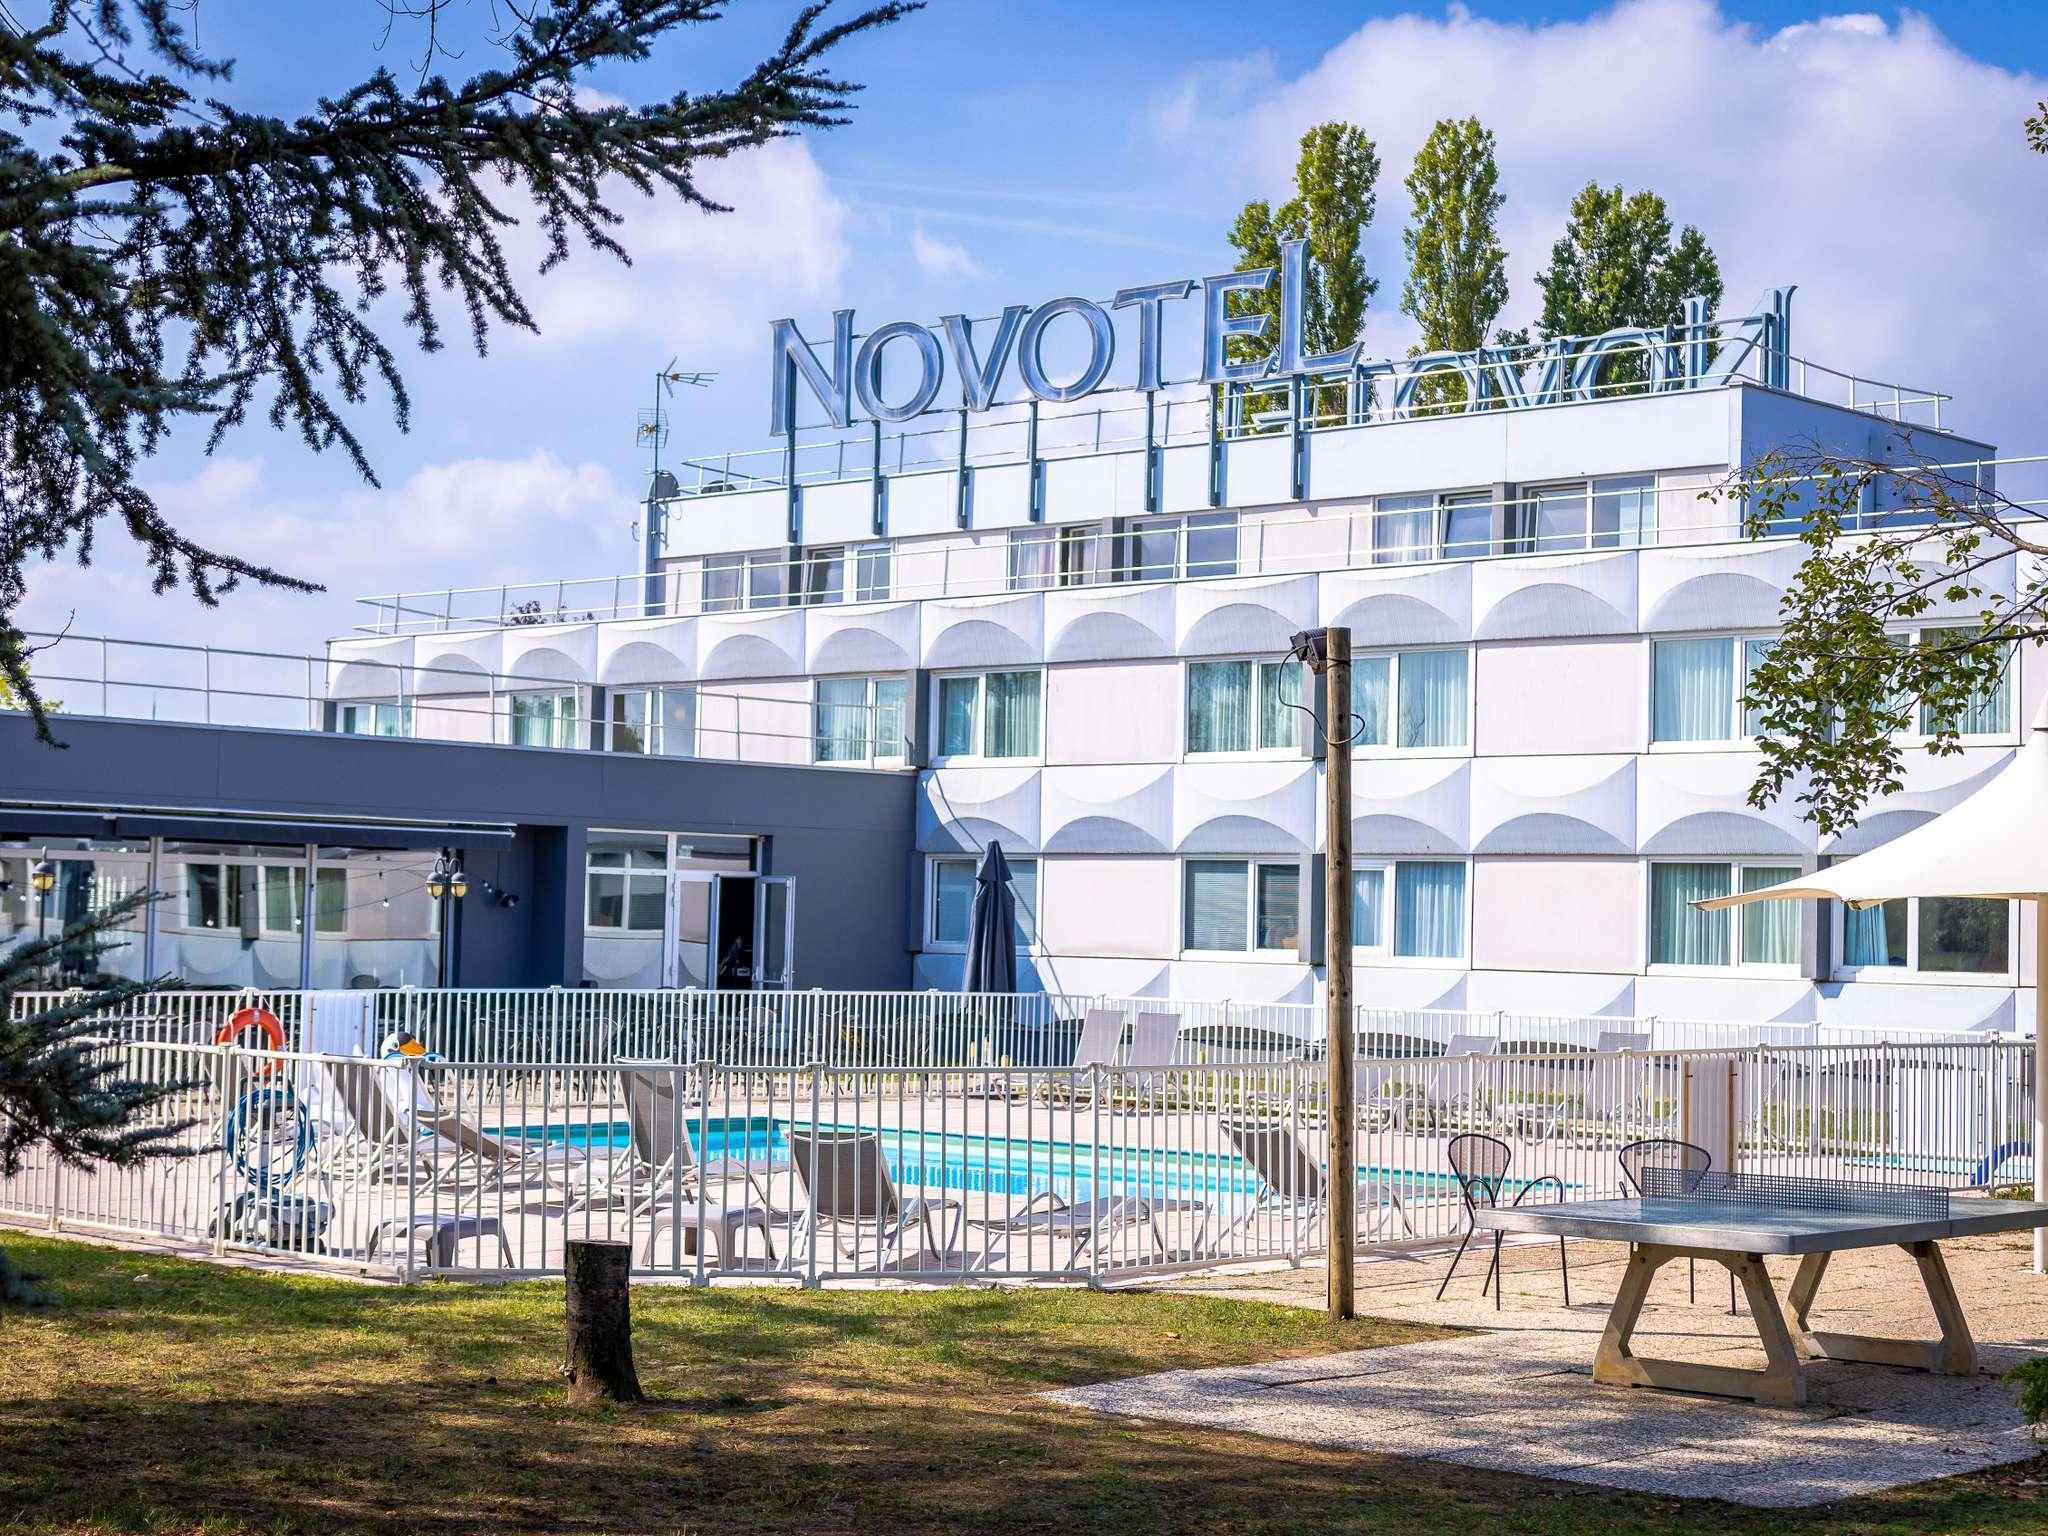 Hotell – Novotel Mulhouse Bâle Fribourg